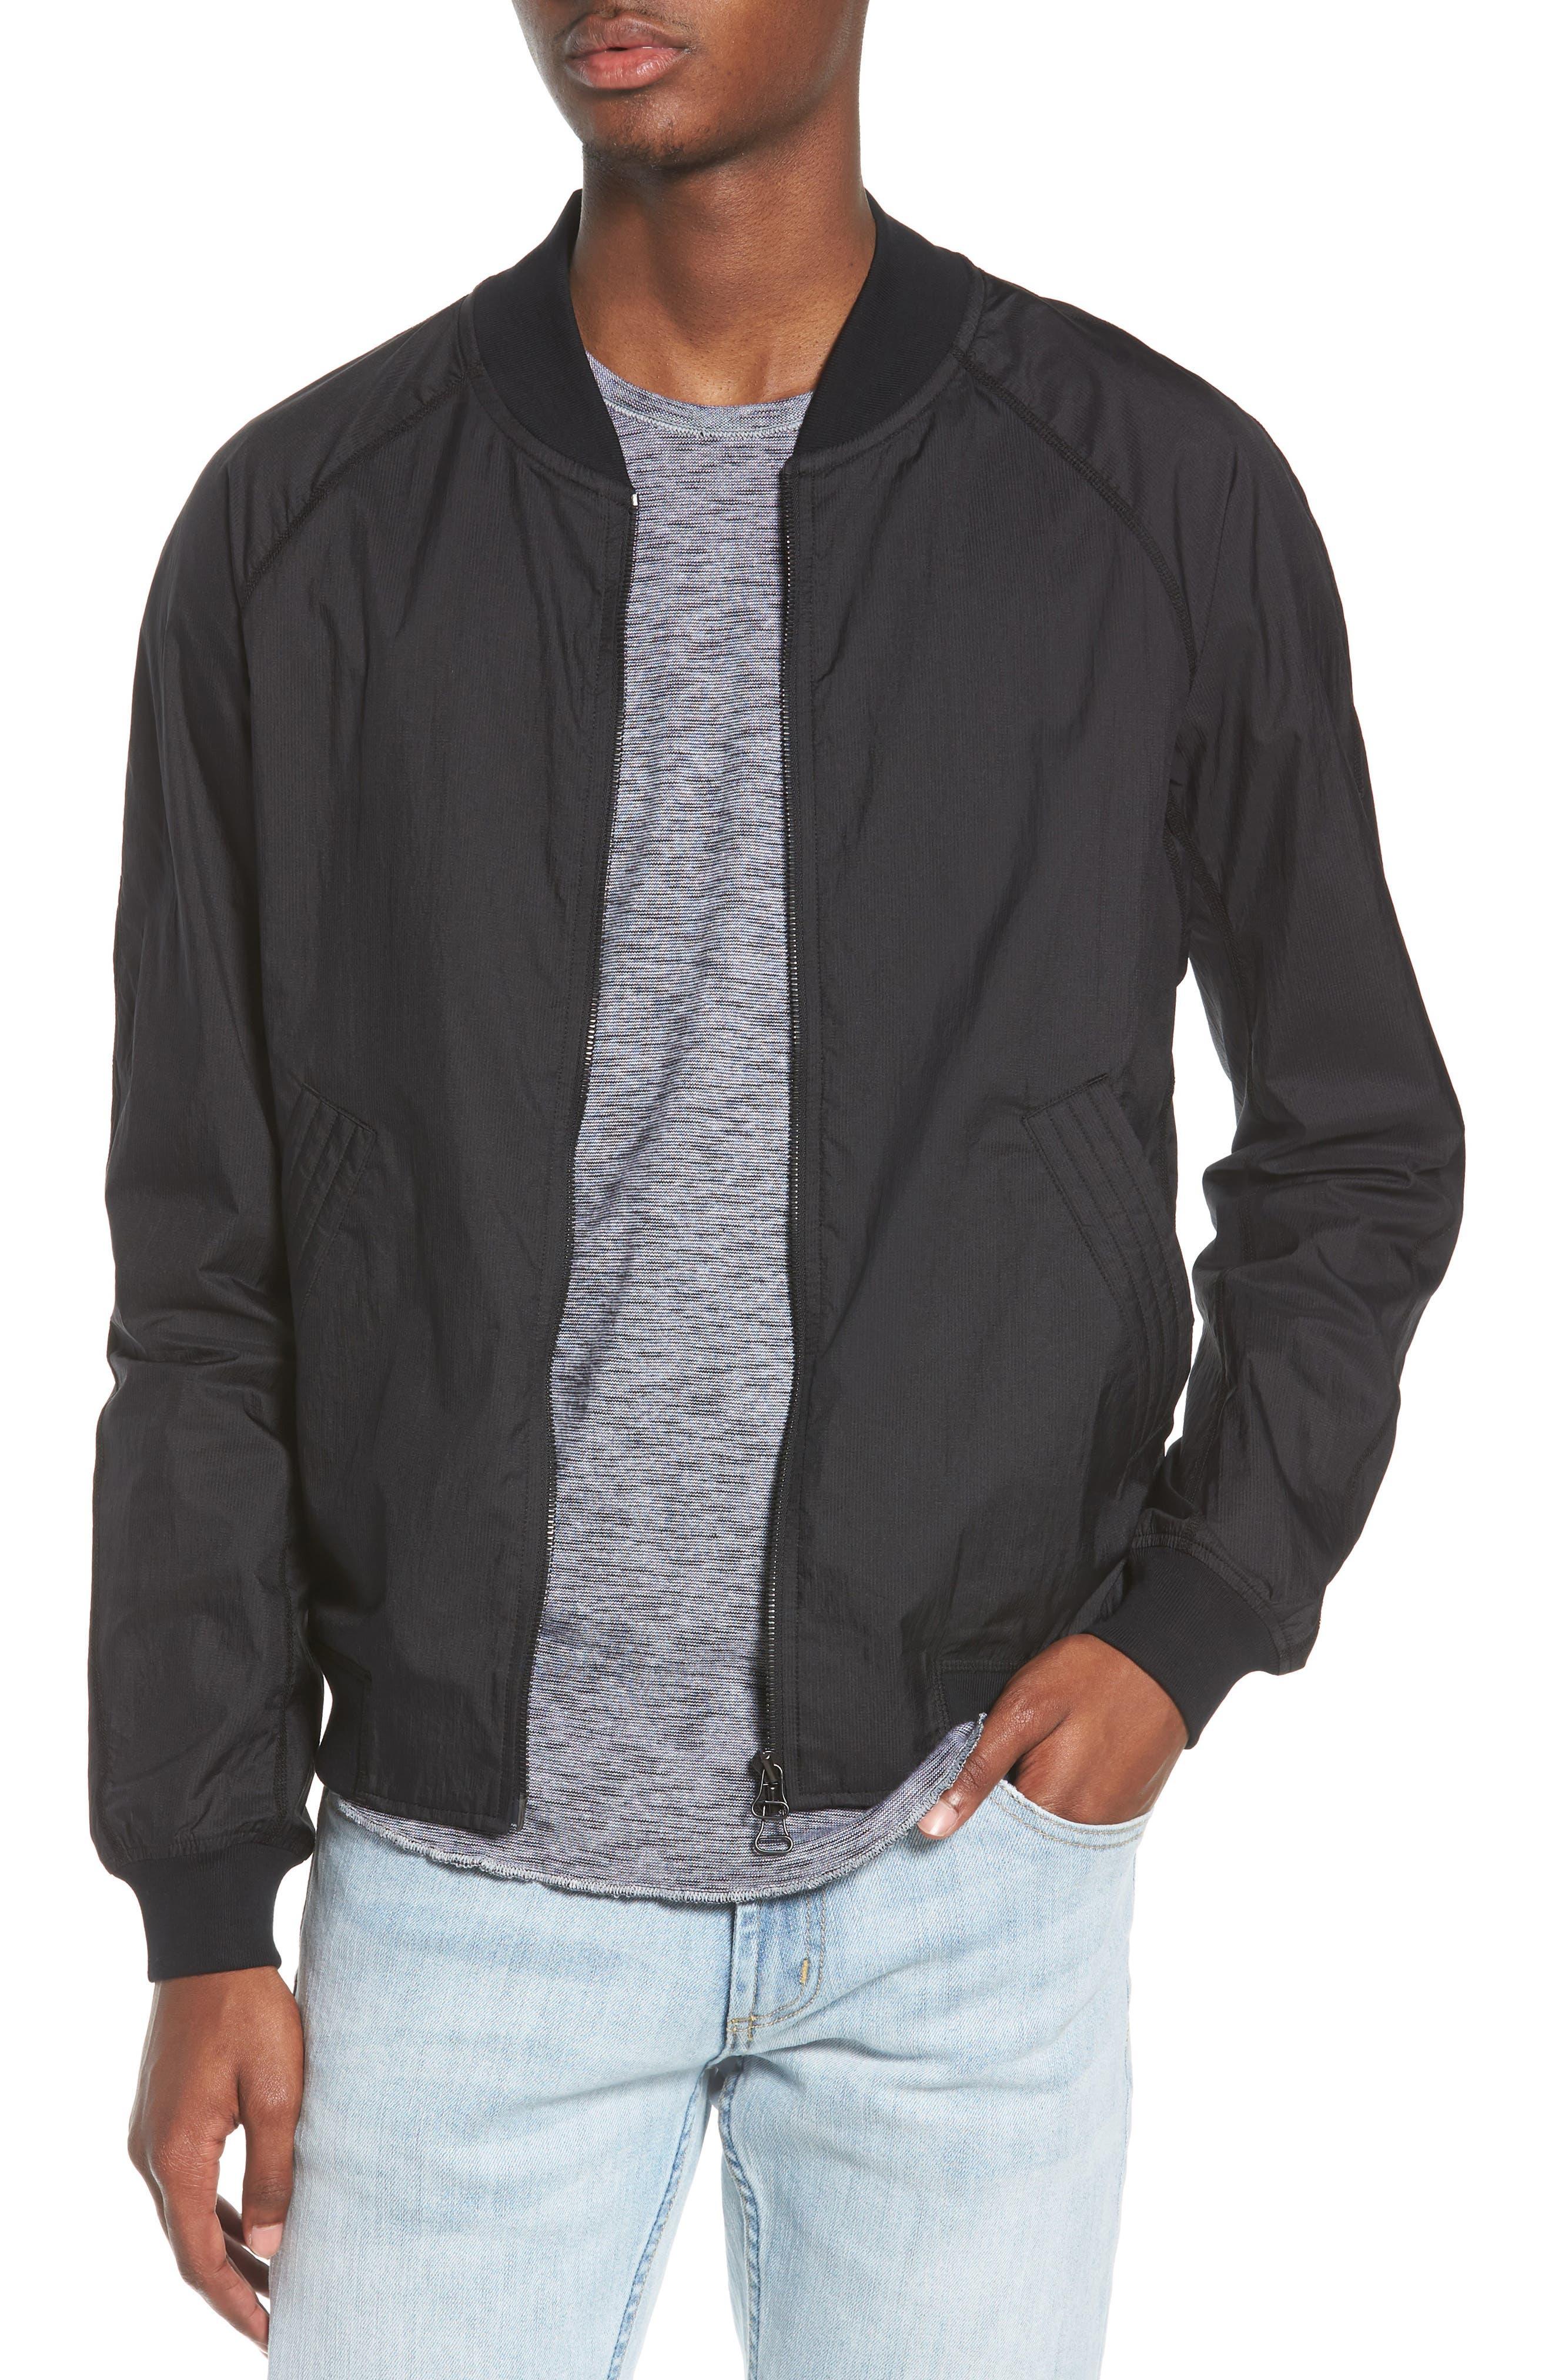 Souvenir Jacket,                             Main thumbnail 1, color,                             Black